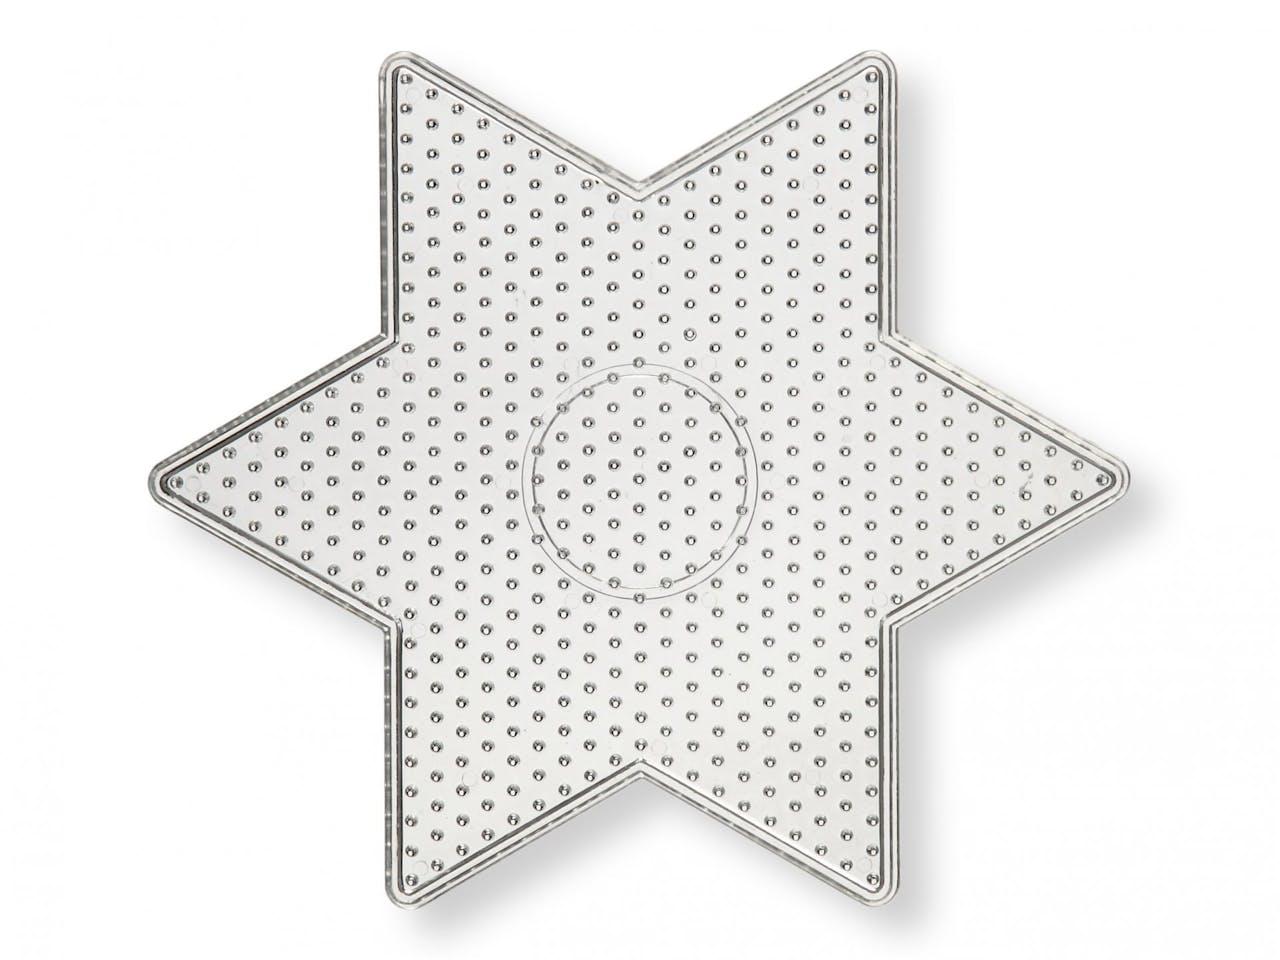 Steckplatte für Bügelperlen, ca. 150 x 150 mm, transparent, Stern